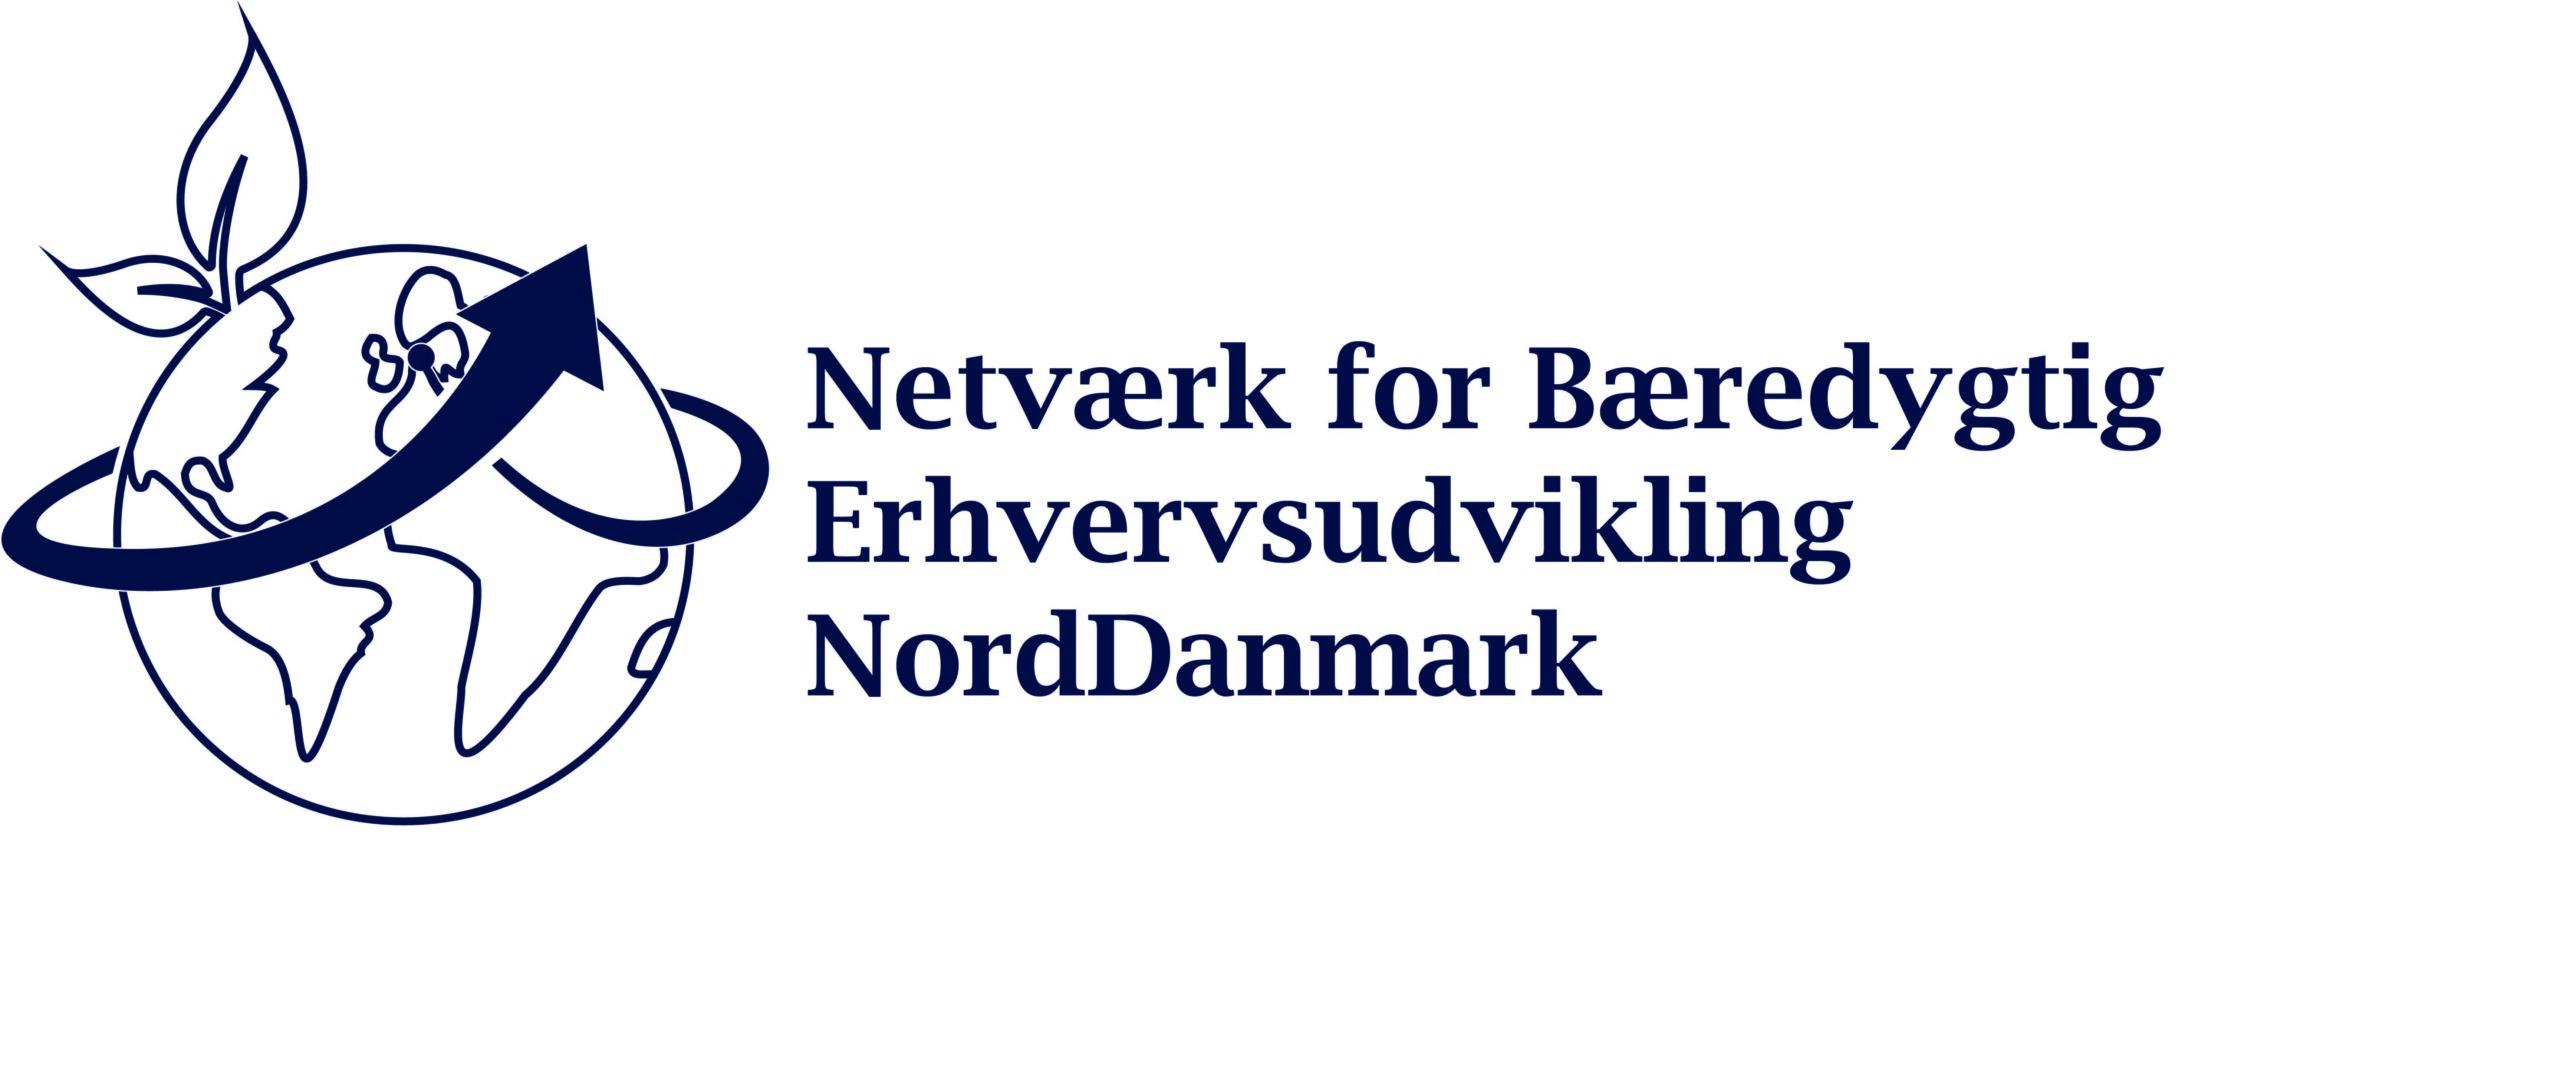 Netværk for Bæredygtig Erhvervsudvikling NordDanmark